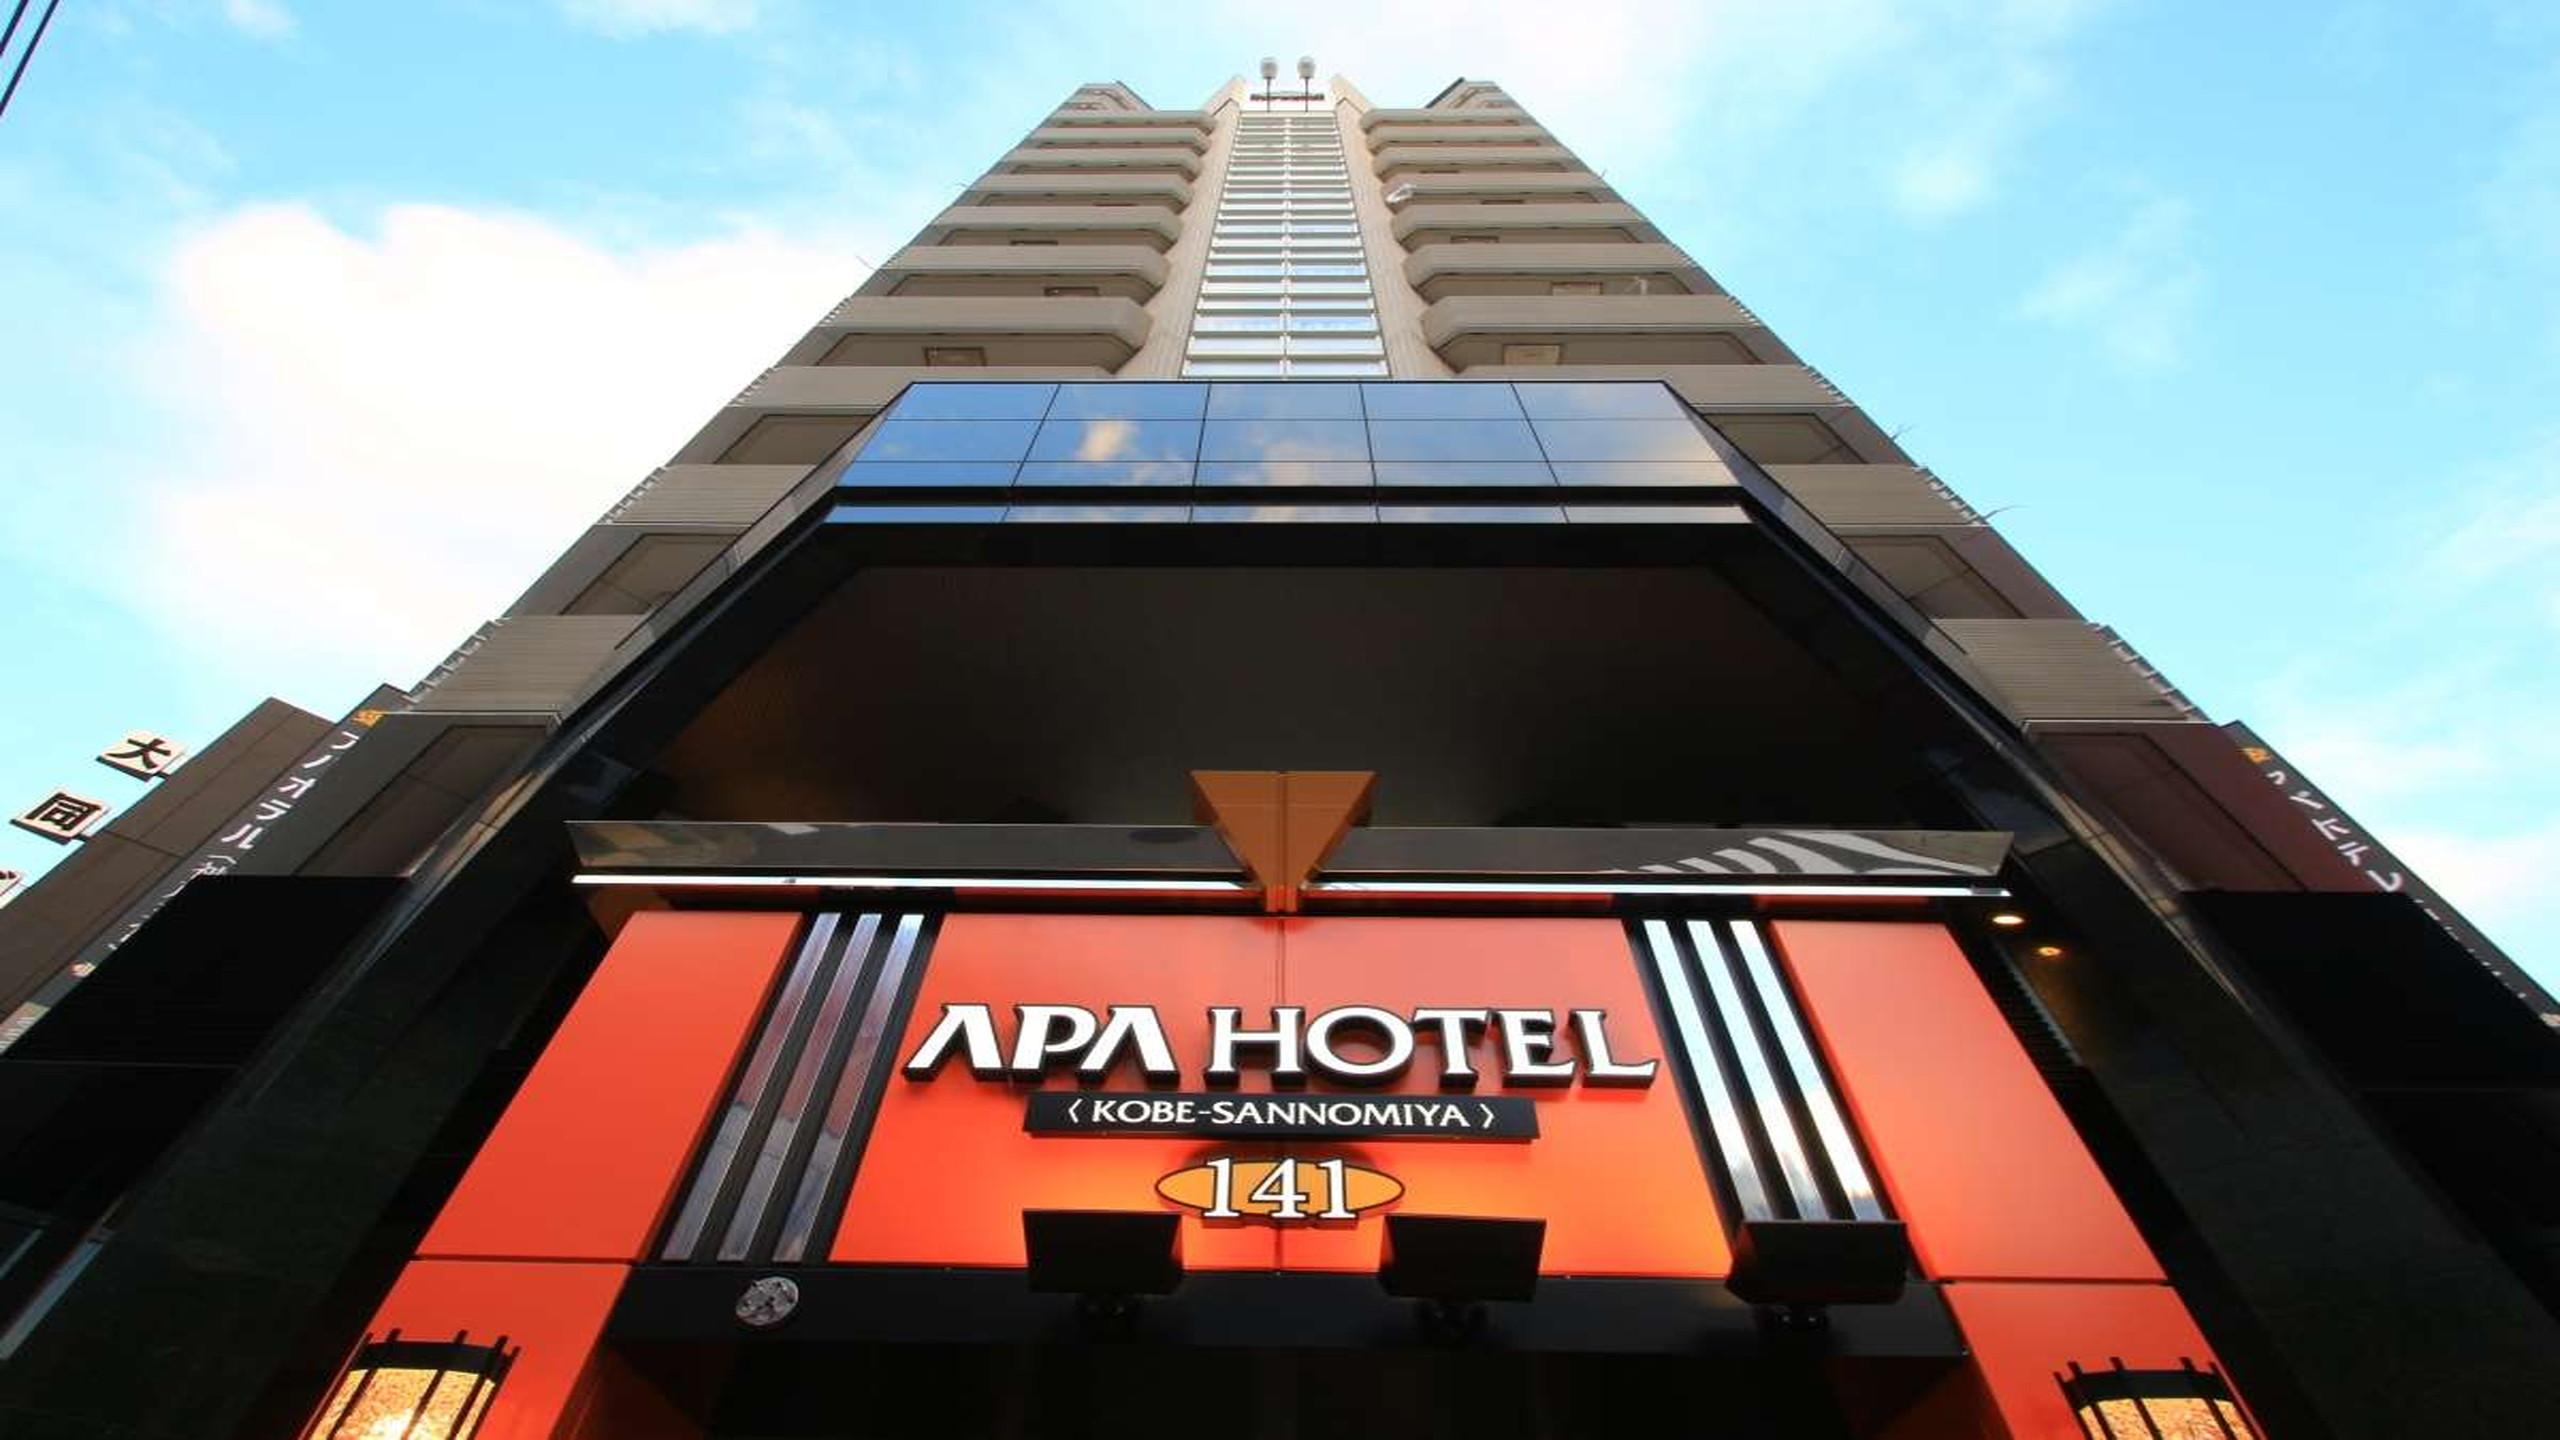 アパホテル<神戸三宮>(2018年8月10日リニューアルオープン)